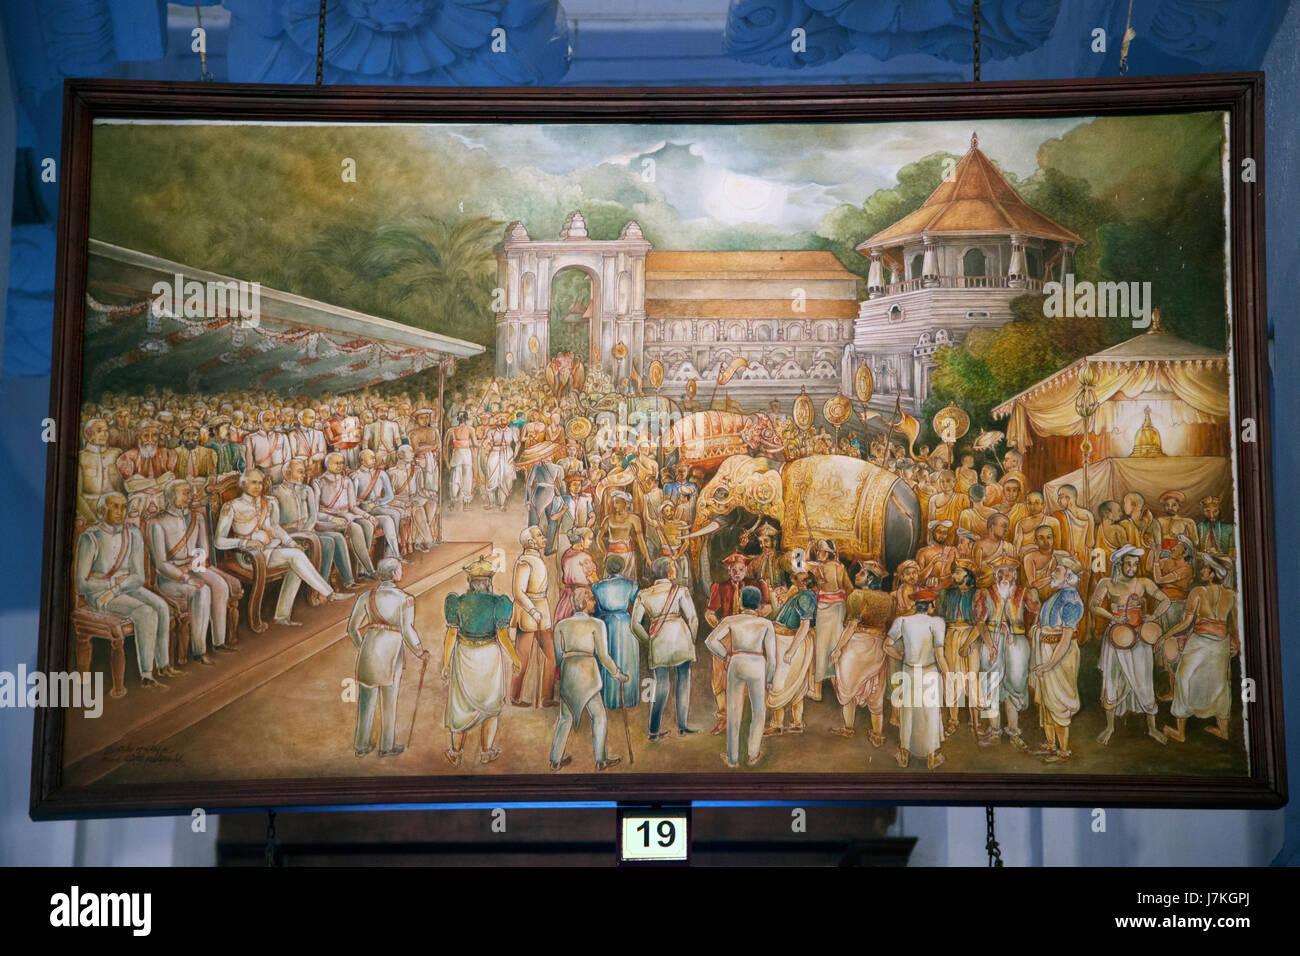 Kandy au Sri Lanka Temple de la dent Sri Dalada peinture Musée de l'histoire de la relique de la dent - Une sécheresse prolongée a été arrêté par une exposition spéciale de la Dent Sacrée et les fortes pluies y résultant de provoqué de graves inondations, qui était nommée Dalada inondations. Gouverneur Edward Barnes a joué le rôle principal d'organiser cette exposition avec le faste et la gloire Banque D'Images